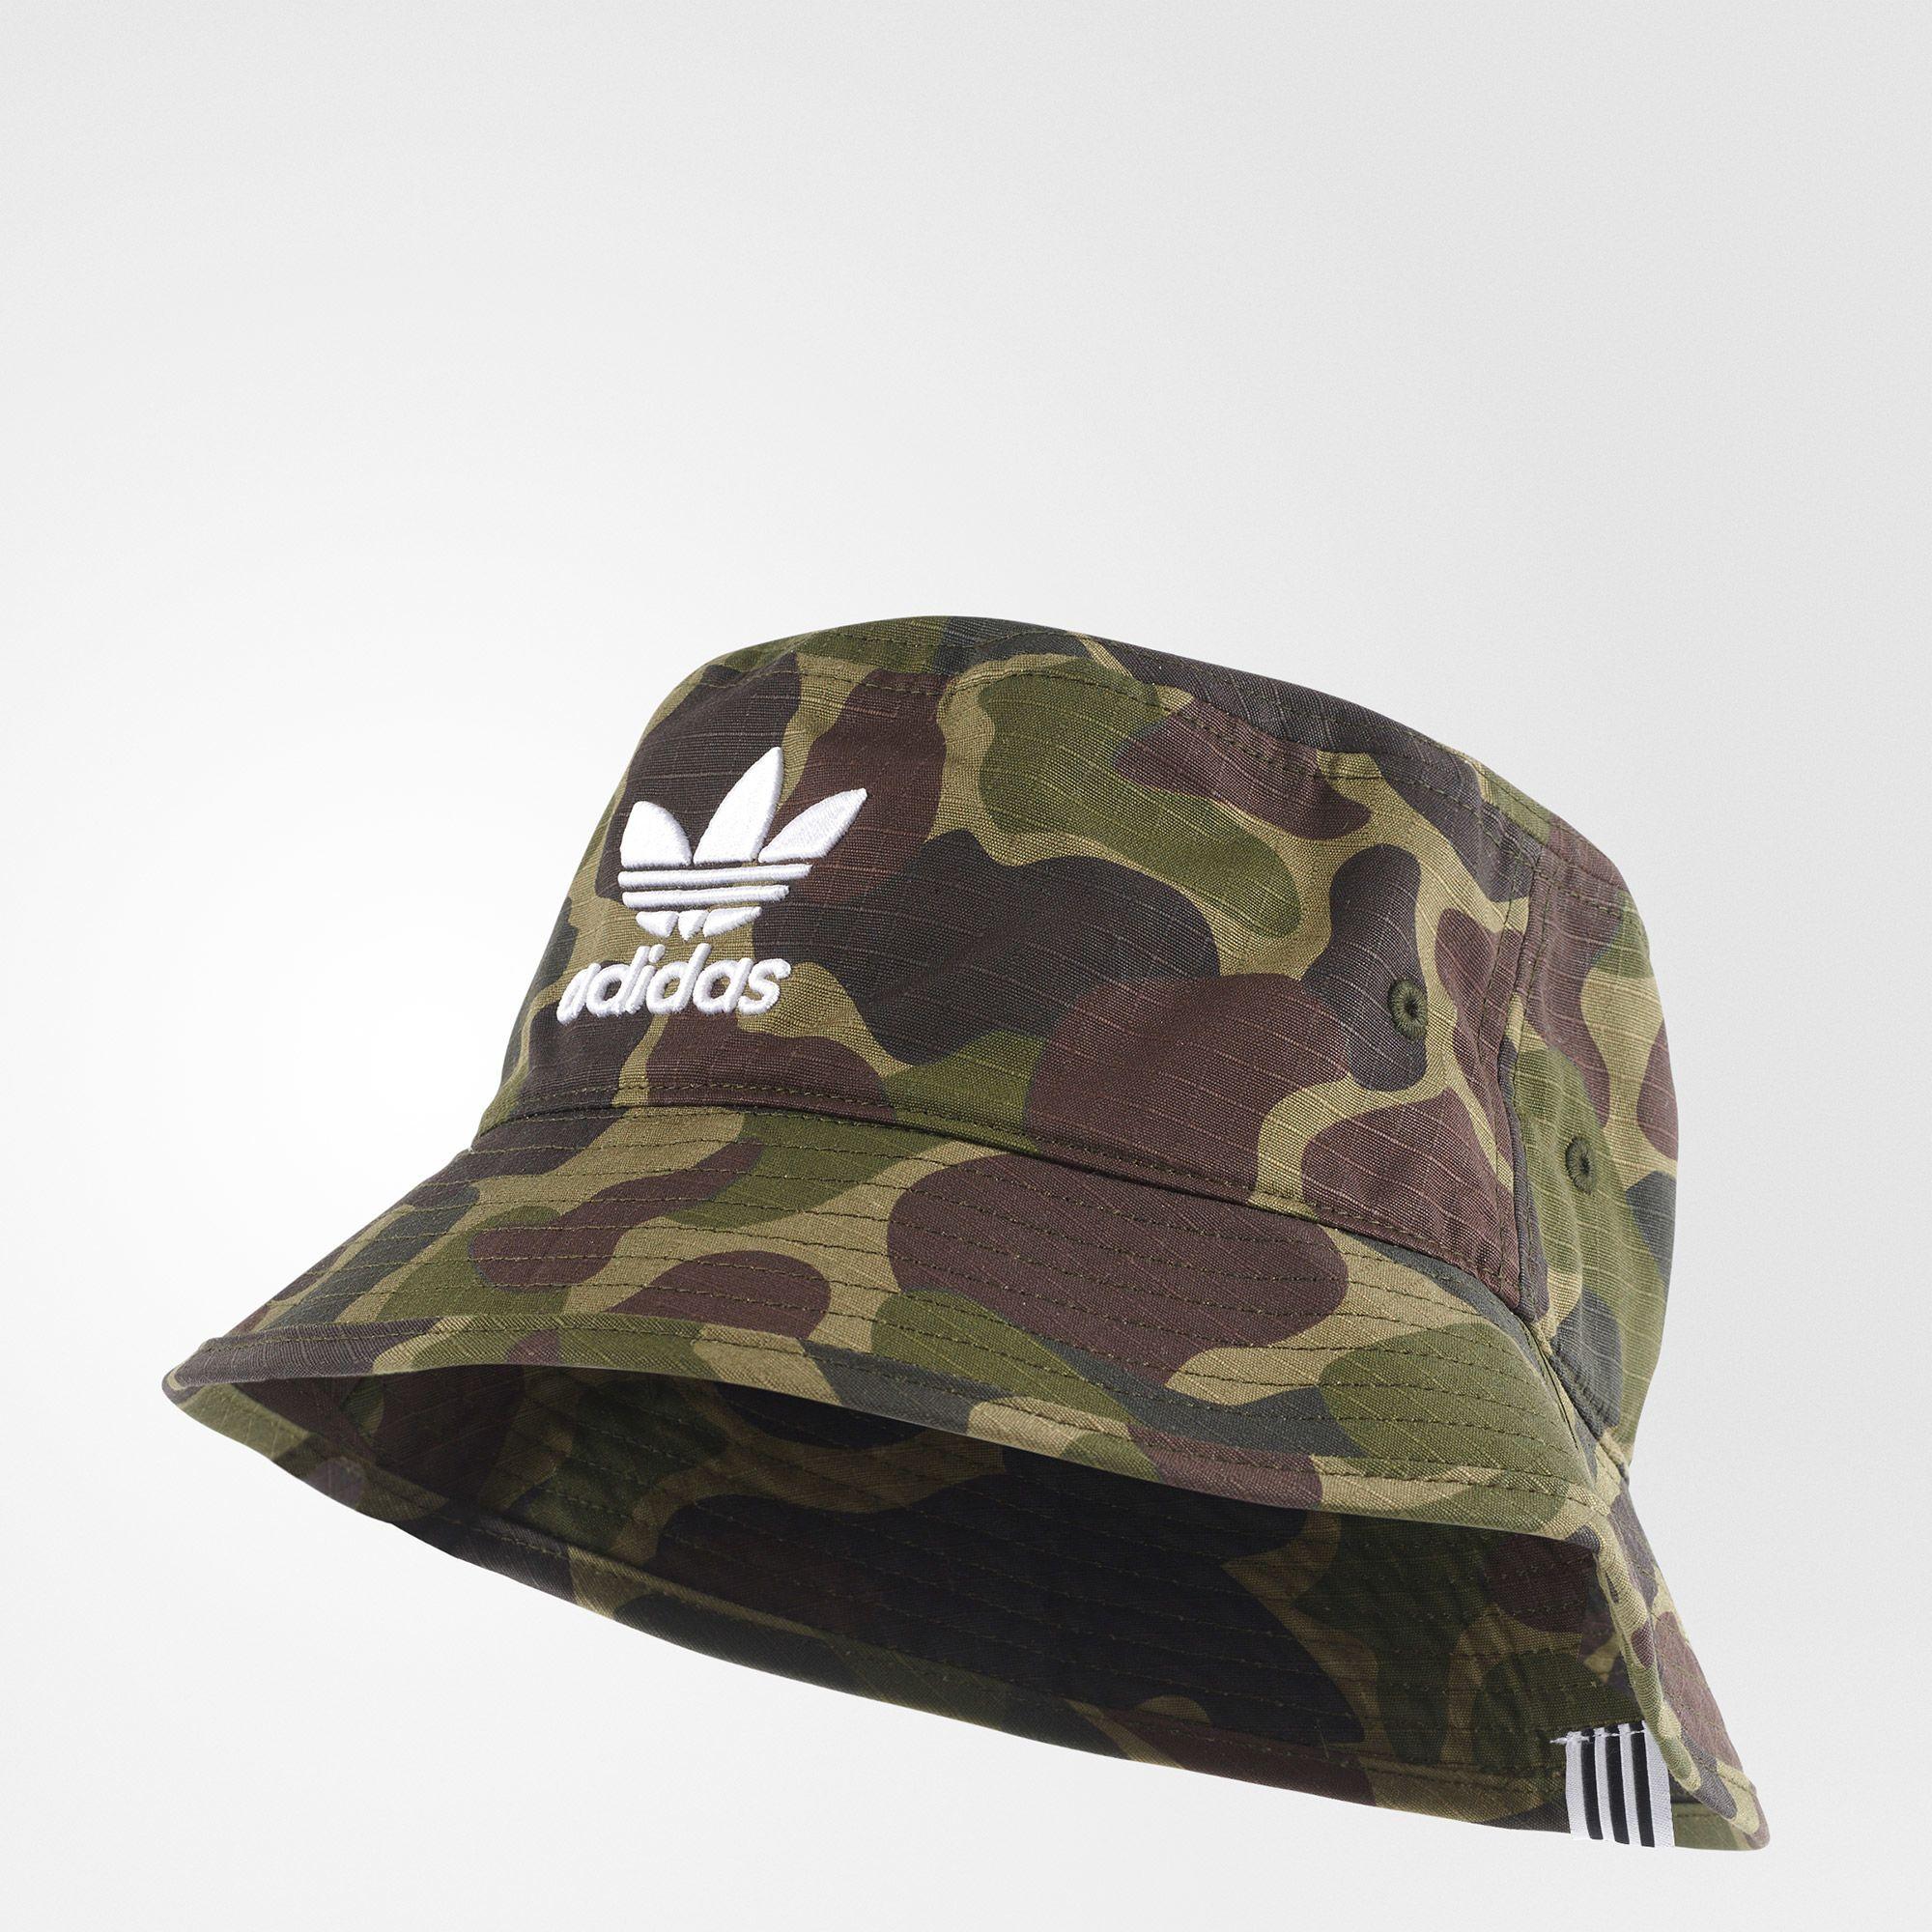 adidas - Chapeu Bucket Camo  f92819f513f1